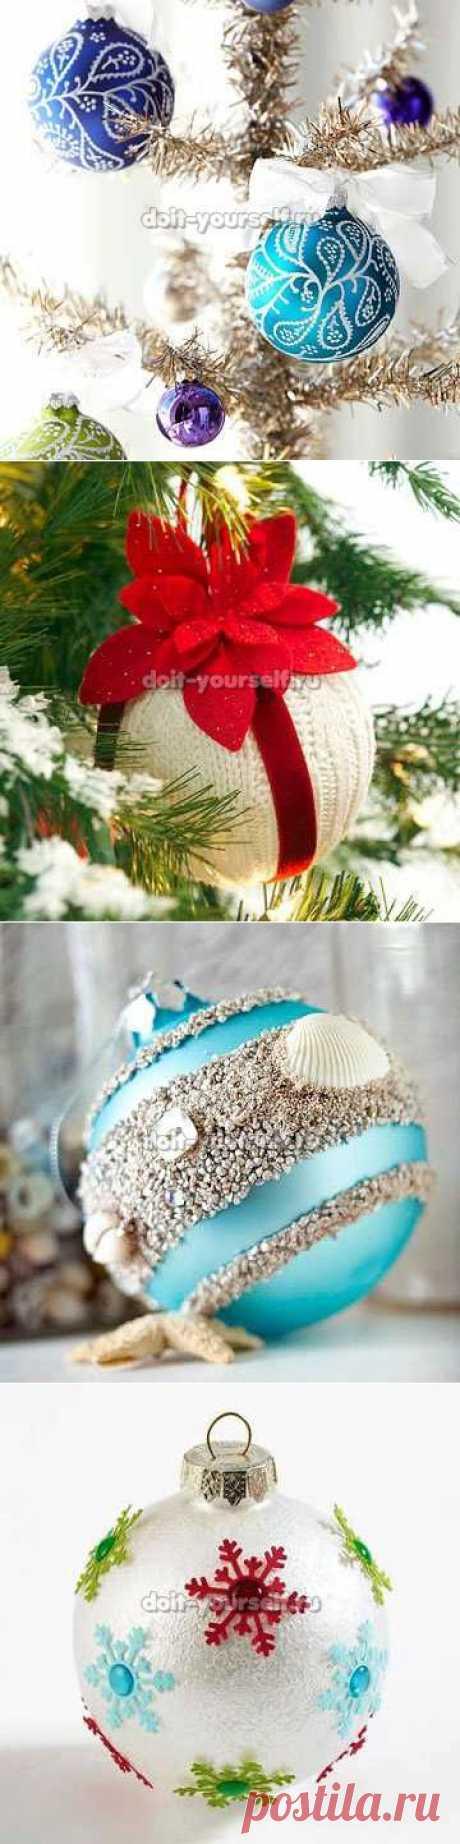 Как сделать новогодние игрушки своими руками для елки